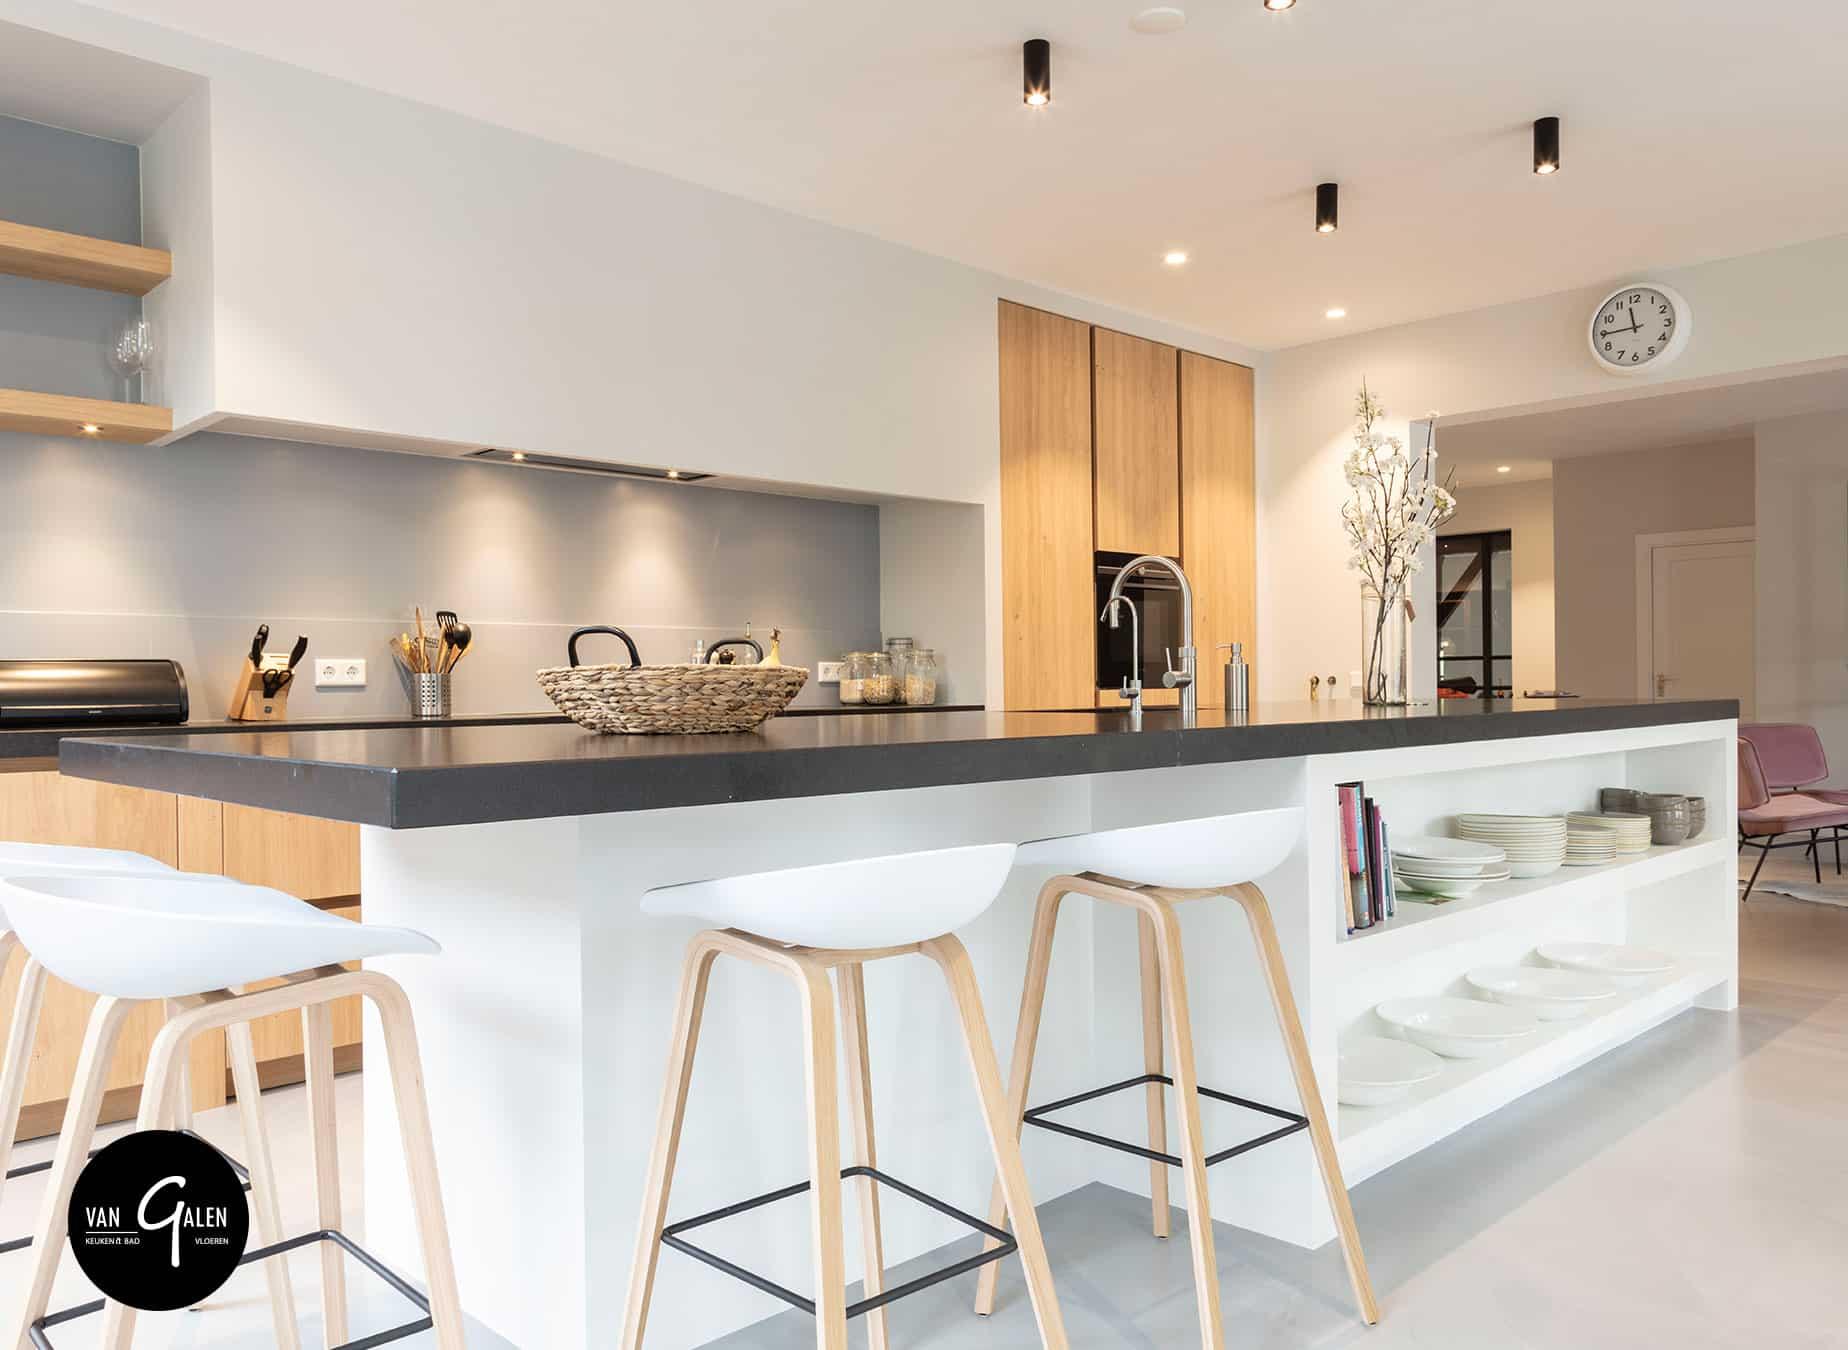 van galen moderne keuken